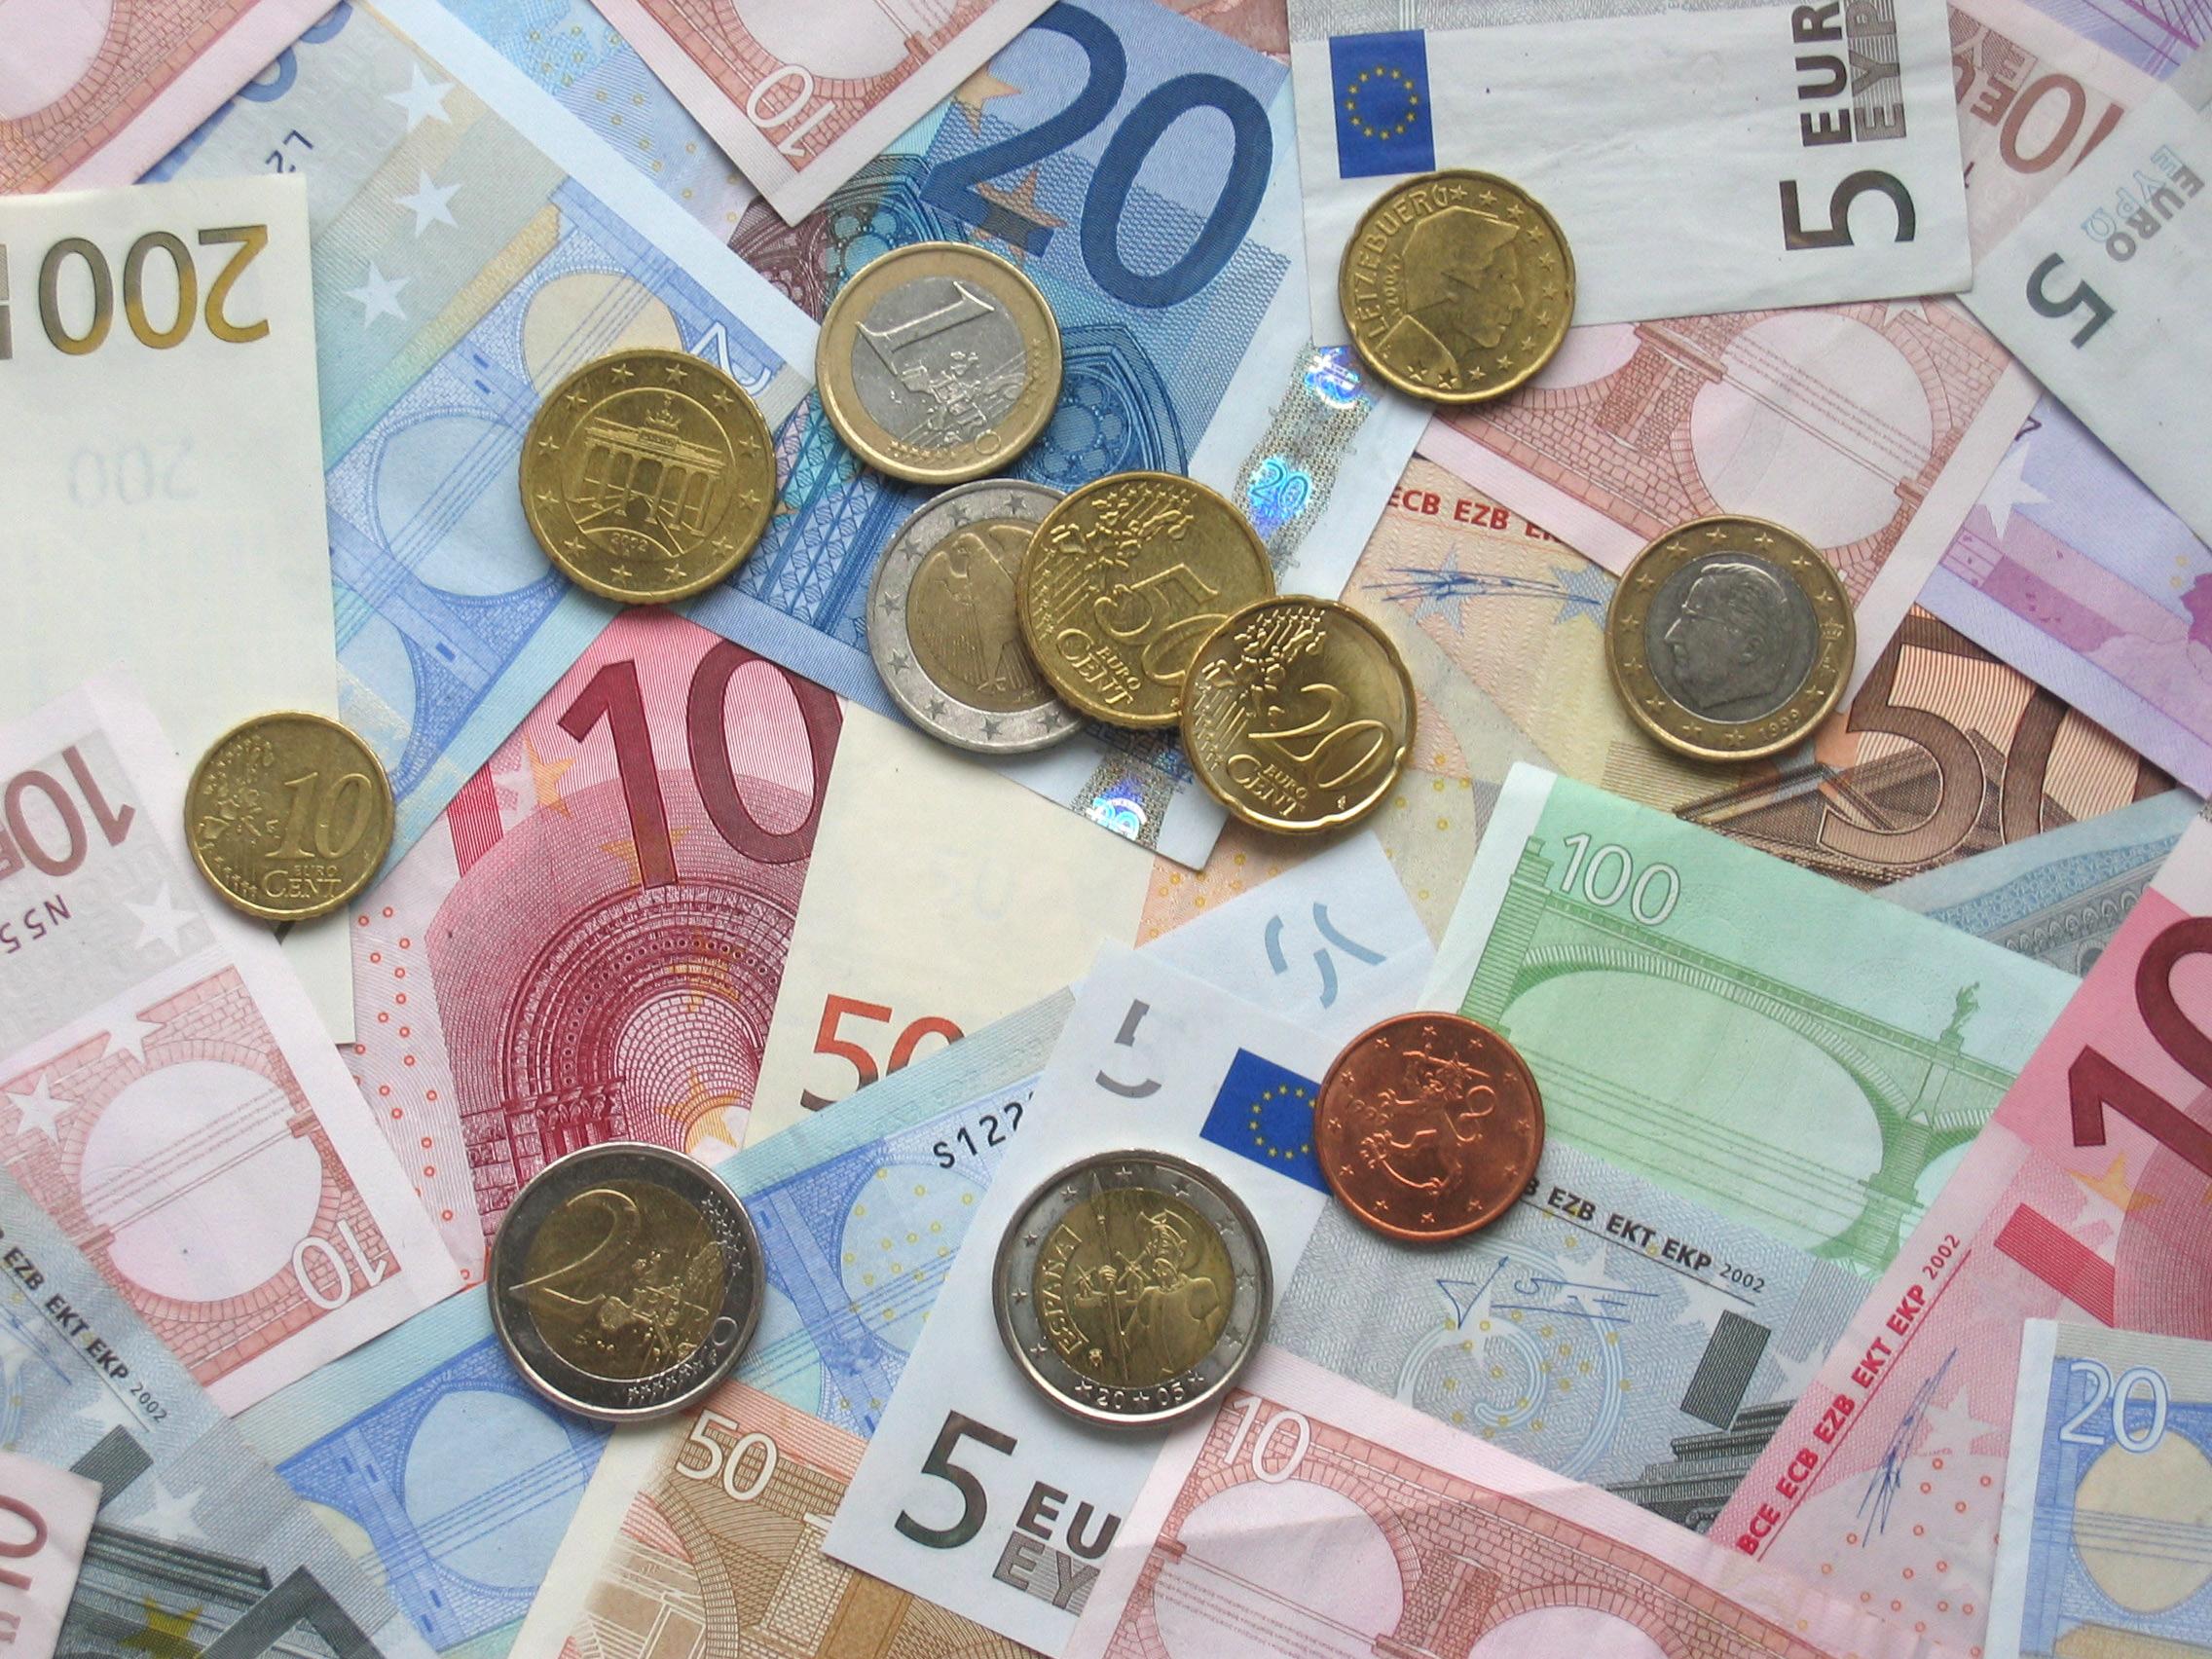 Nuova banconota da 10 euro: ecco come riconoscerla!